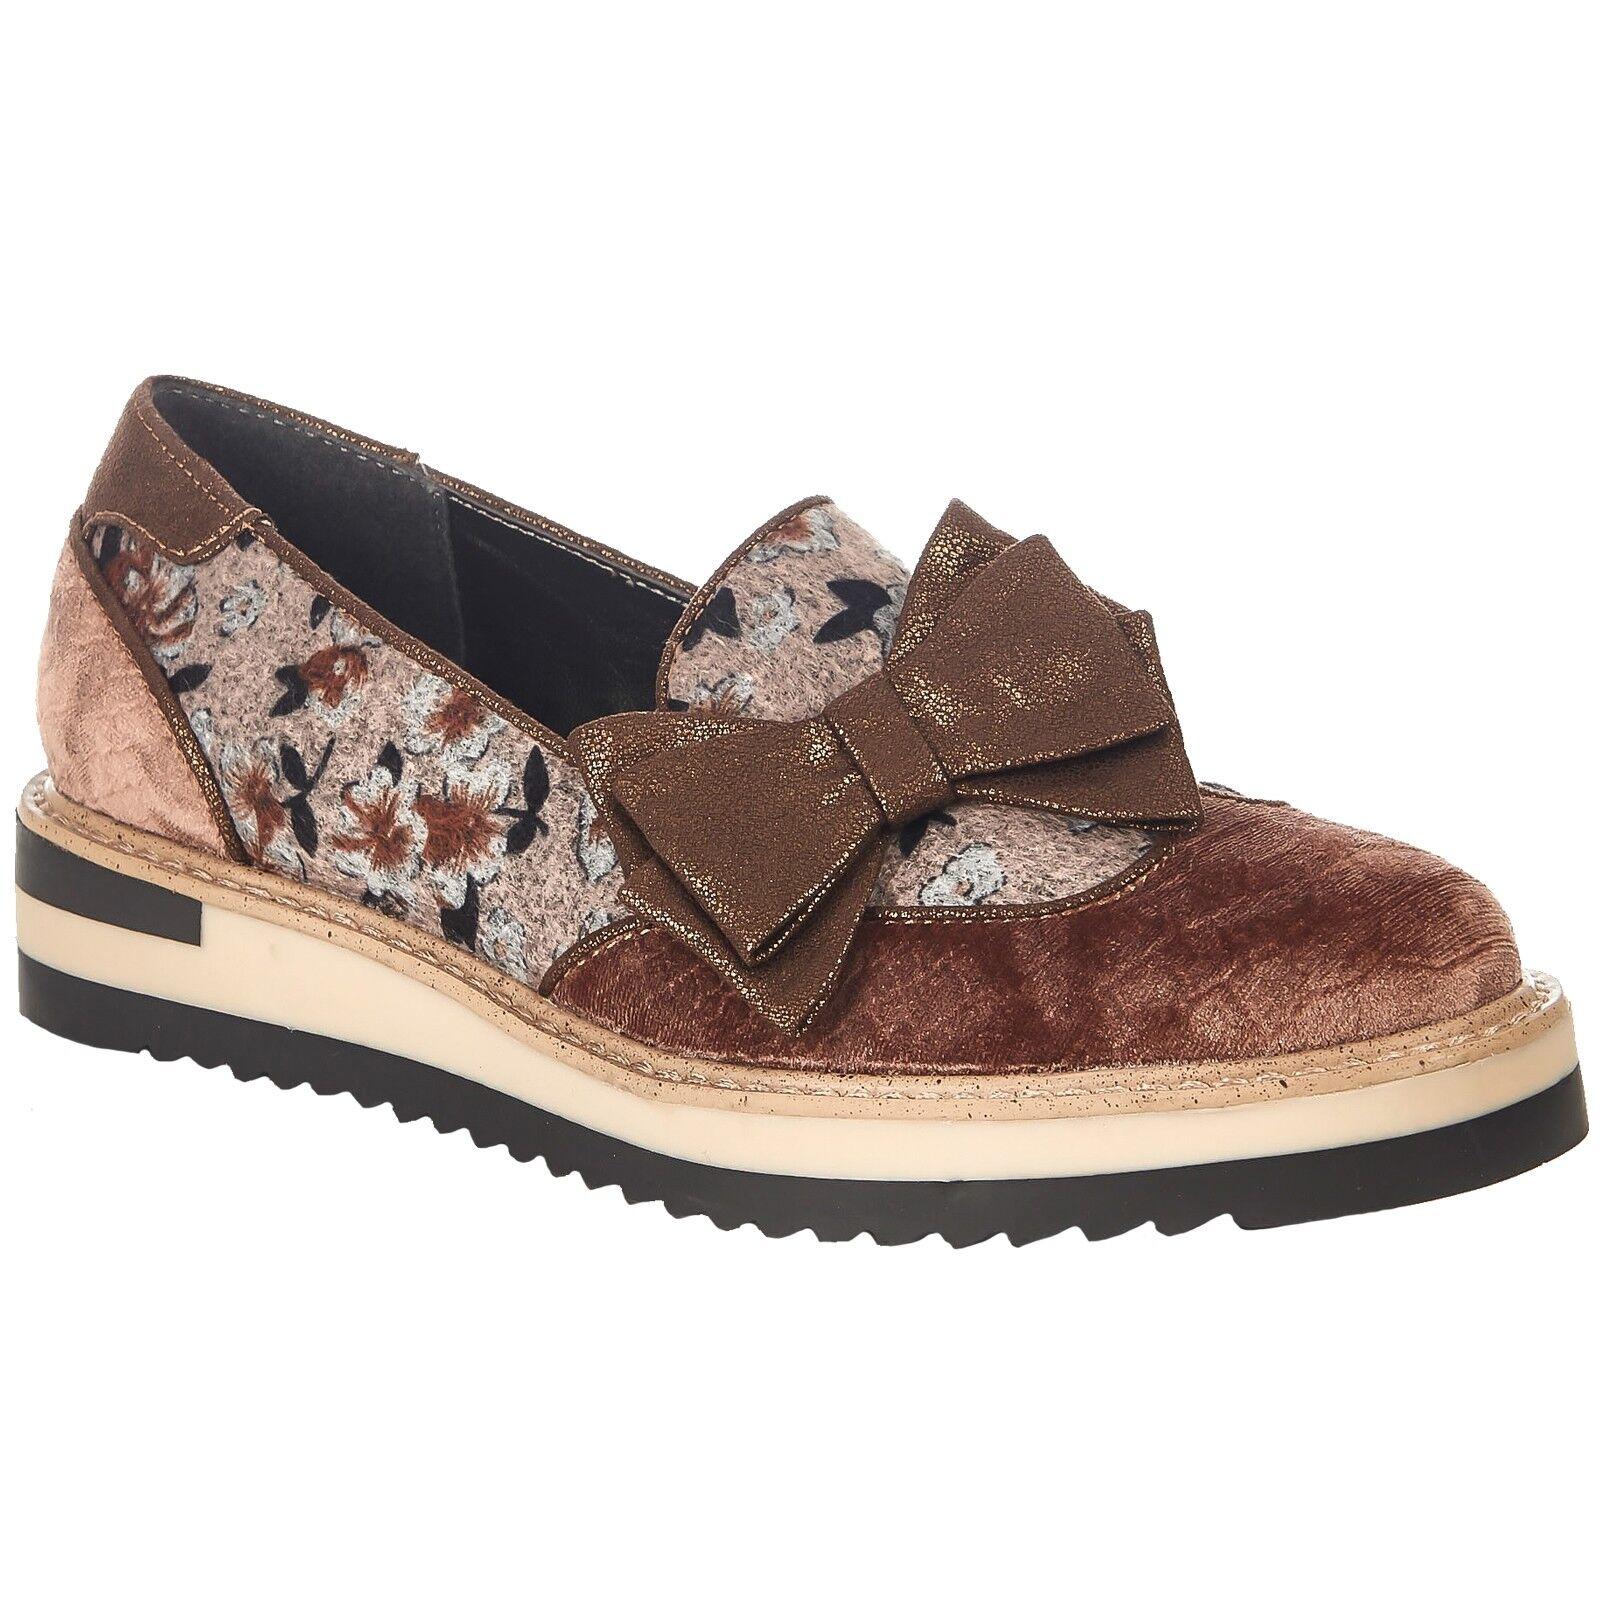 Señoras Ruby Shoo Shoo Shoo Joanne Visón Floral Slip On Brogue Zapatos 09260  buen precio